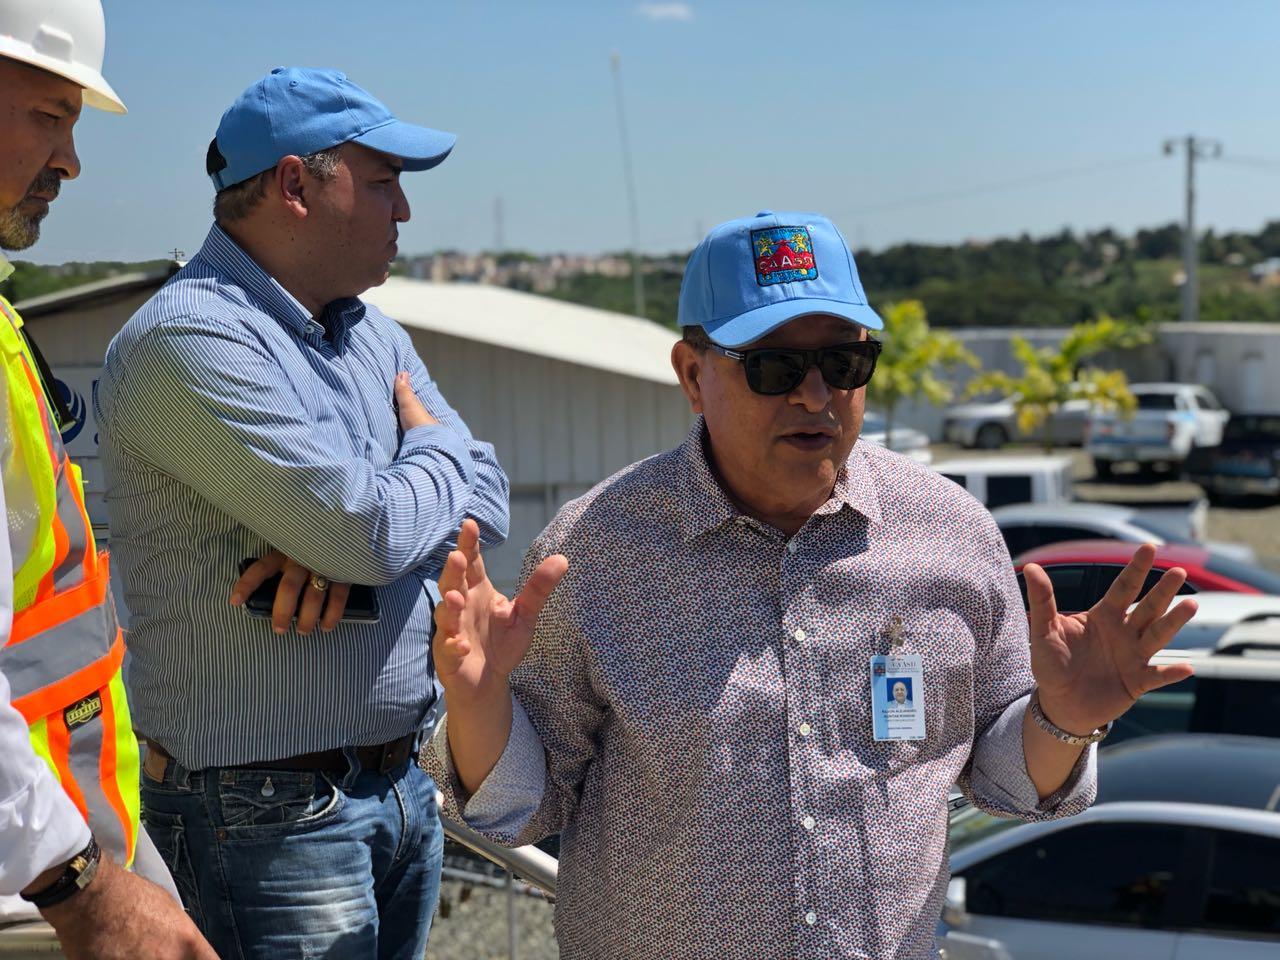 """Resultado de imagen para La Corporación de Acueducto y Alcantarillado de Santo Domingo (CAASD), inició un plan para racionar el agua, debido a la sequía que afecta al país el cual ha comenzado a incidir en el suministro de agua del Gran Santo Domingo, con una reducción de 51 millones de galones al día.  Alejandro Montás, director de la CAASD, dijo que debido a esta situación, se dispuso un plan para racionar el suministro, con la reducción de los días de servicio en todos los sectores de la capital.     Los sectores que reciben agua potable los siete días de la semana, la recibirán cuatro días. """"Los que reciben el servicio 4 y 3 días a la semana, lo recibirán dos días y ahí nos paramos, para que todos tengan agua al menos dos días a la semana"""", añadió. El funcionario explicó, en una nota de prensa, que debido al descenso en los caudales de los ríos Haina, Isa, Mana, Duey e Isabela, la producción de agua potable ha disminuido 51 millones de galones por día, pasando de 420 millones de galones a 369 millones.     """"Esta situación provoca que el servicio se esté brindando con deficiencia, fundamentalmente en las zonas altas de los sectores ubicados al sur de la avenida Independencia, tales como Invi Sur, Miramar, Solimar, Dominicanos Ausentes, Urbanización Tropical, El Cacique, Zona Colonial, Ciudad Nueva y Costa Brava"""", manifestó.     Los acueductos Haina- Manoguayabo, Isa-Mana, Duey y La Isabela son los más afectados por la sequía, lo que afectado a sectores de Herrera, entre ellos, Buenos Aires, El Abanico, Las Caobas, Libertador, Enriquillo, Barrio Duarte y Las Palmas"""